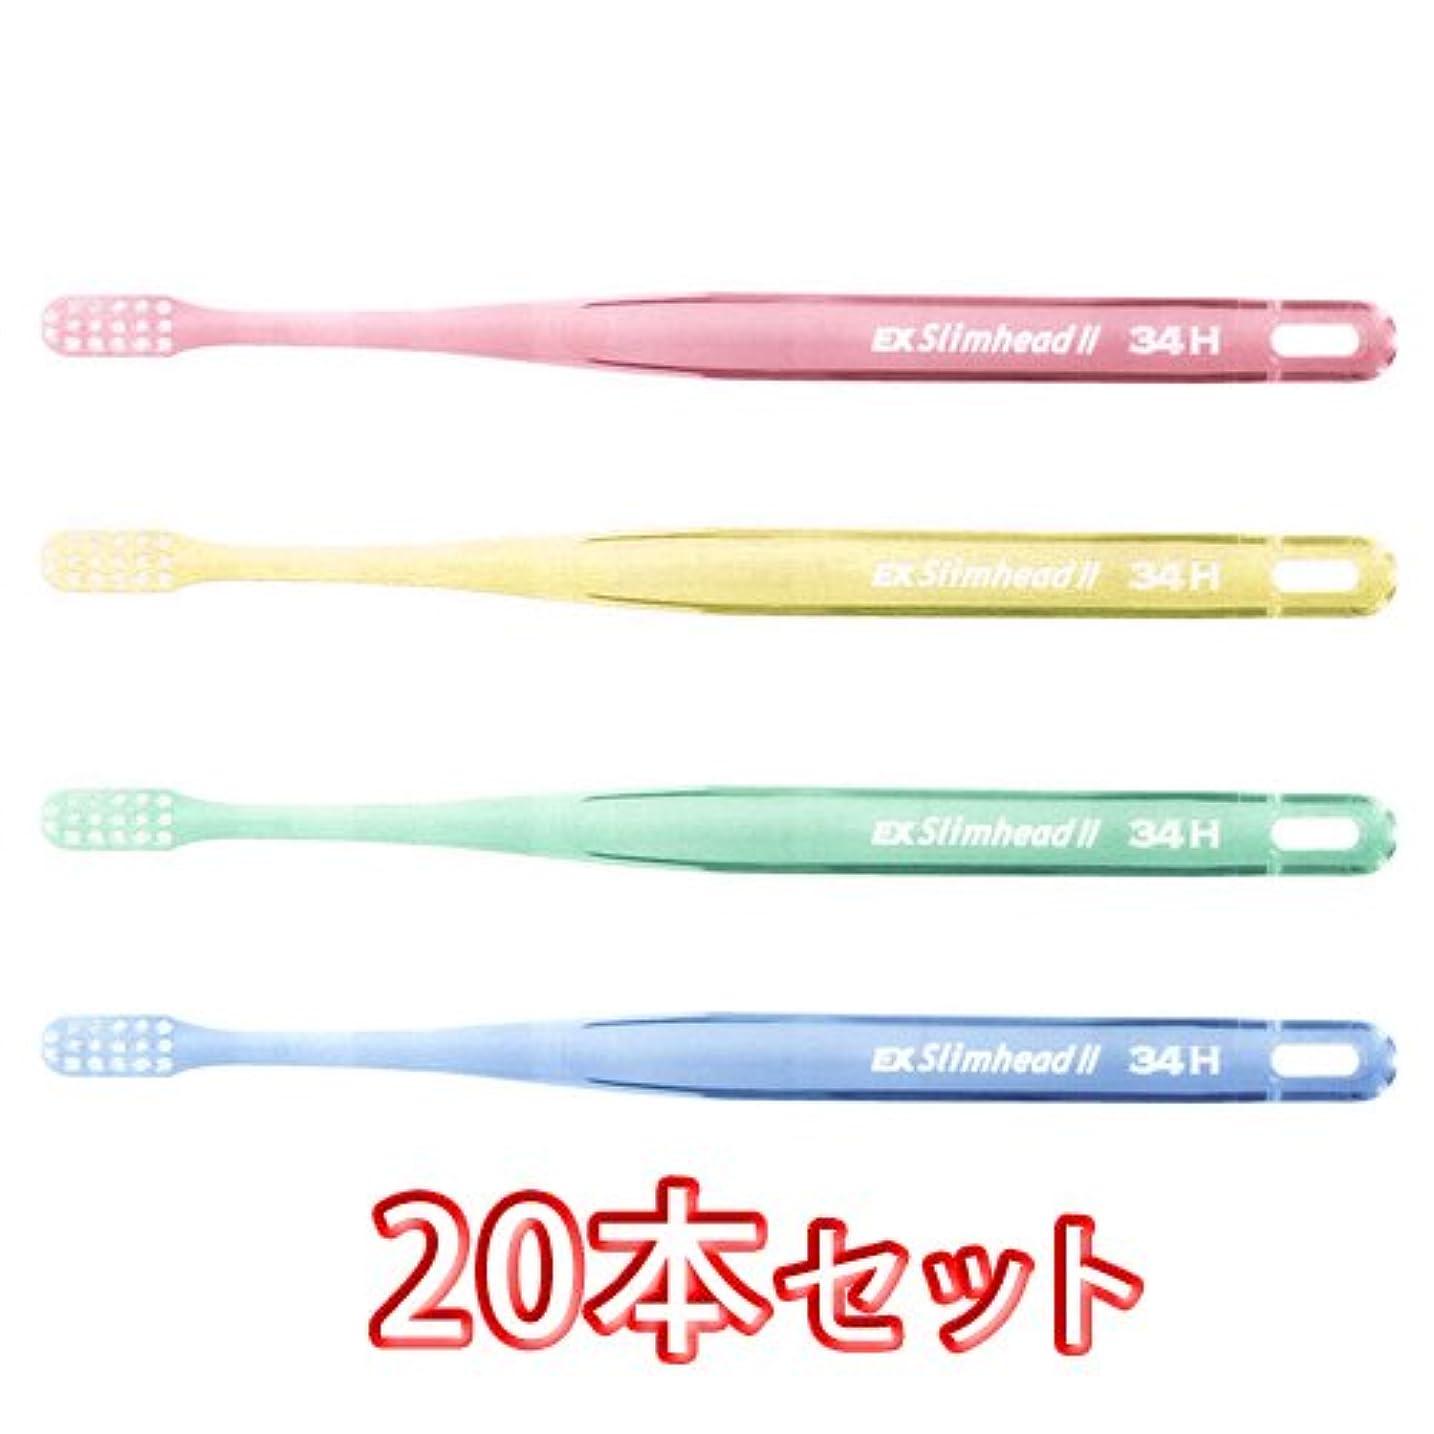 安全でない延ばすスライムライオン スリムヘッド2 歯ブラシ DENT . EX Slimhead2 20本入 (34H)